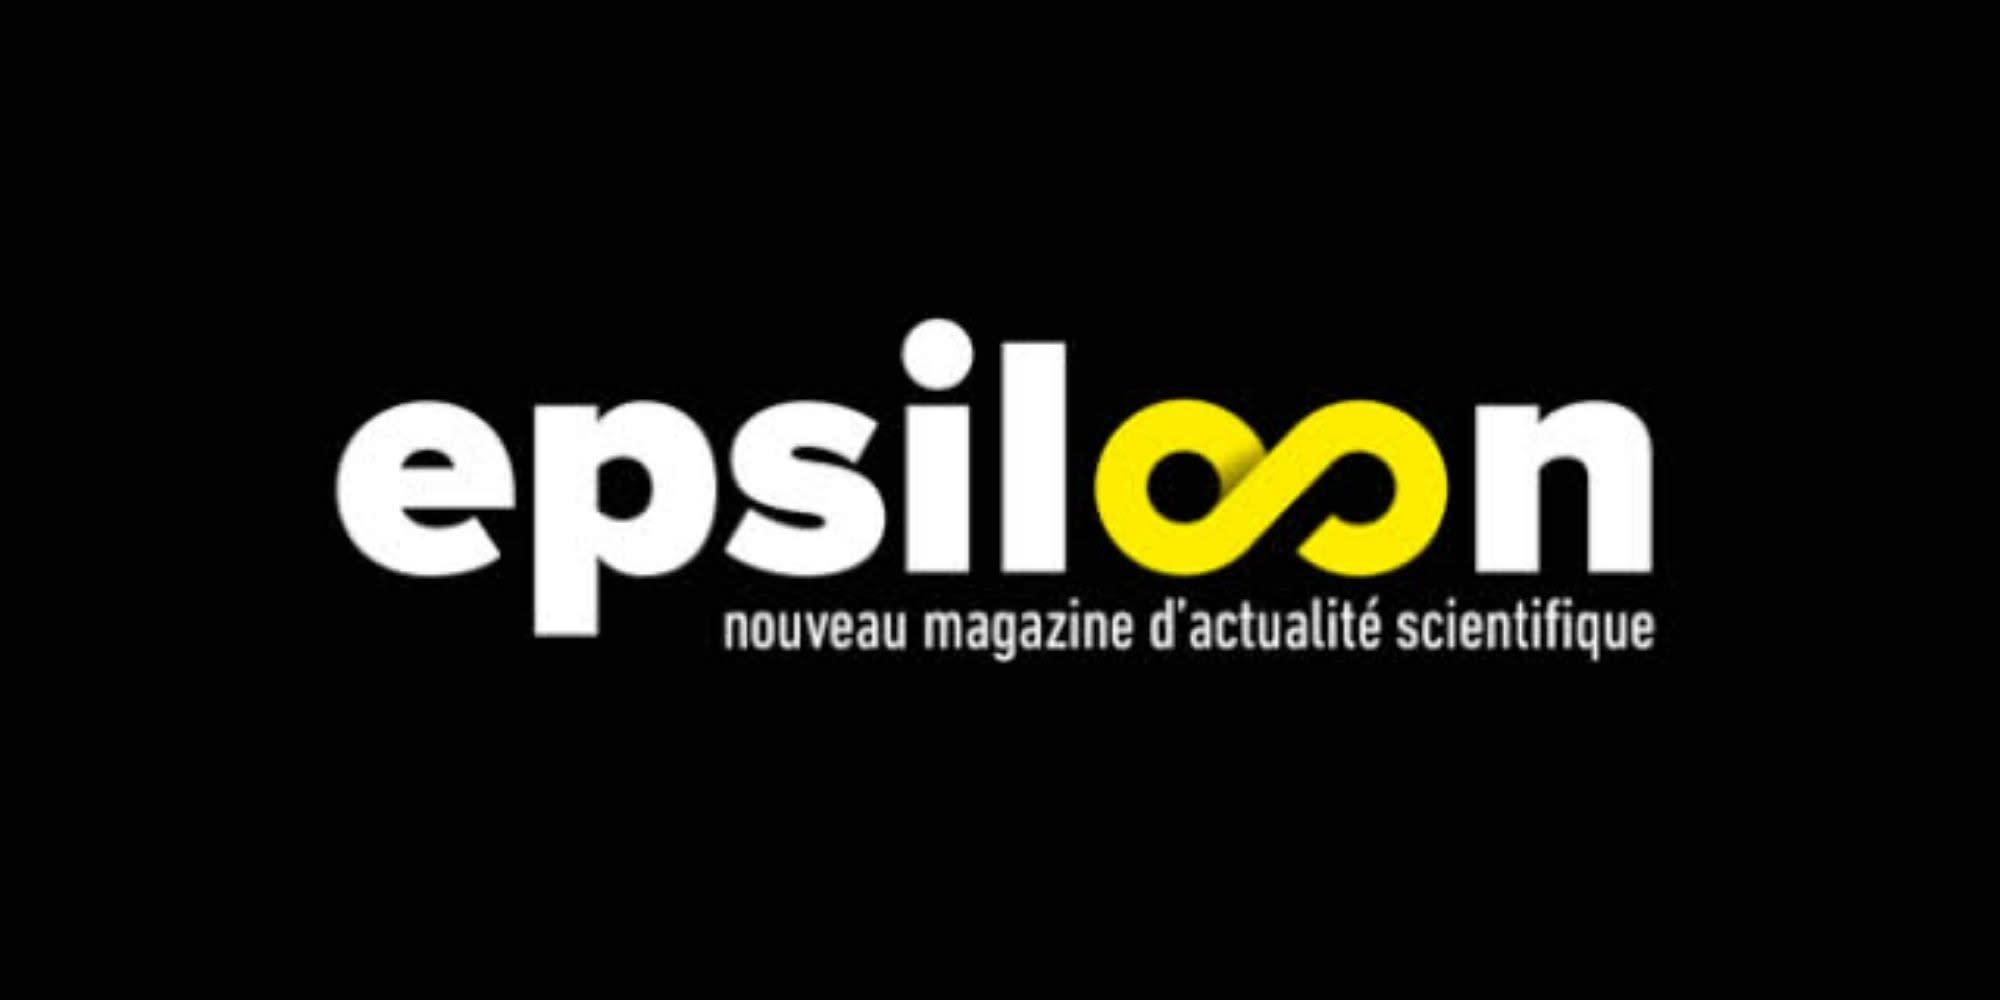 Le magazine scientifique Epsiloon pulvérise ses objectifs avant même sa sortie